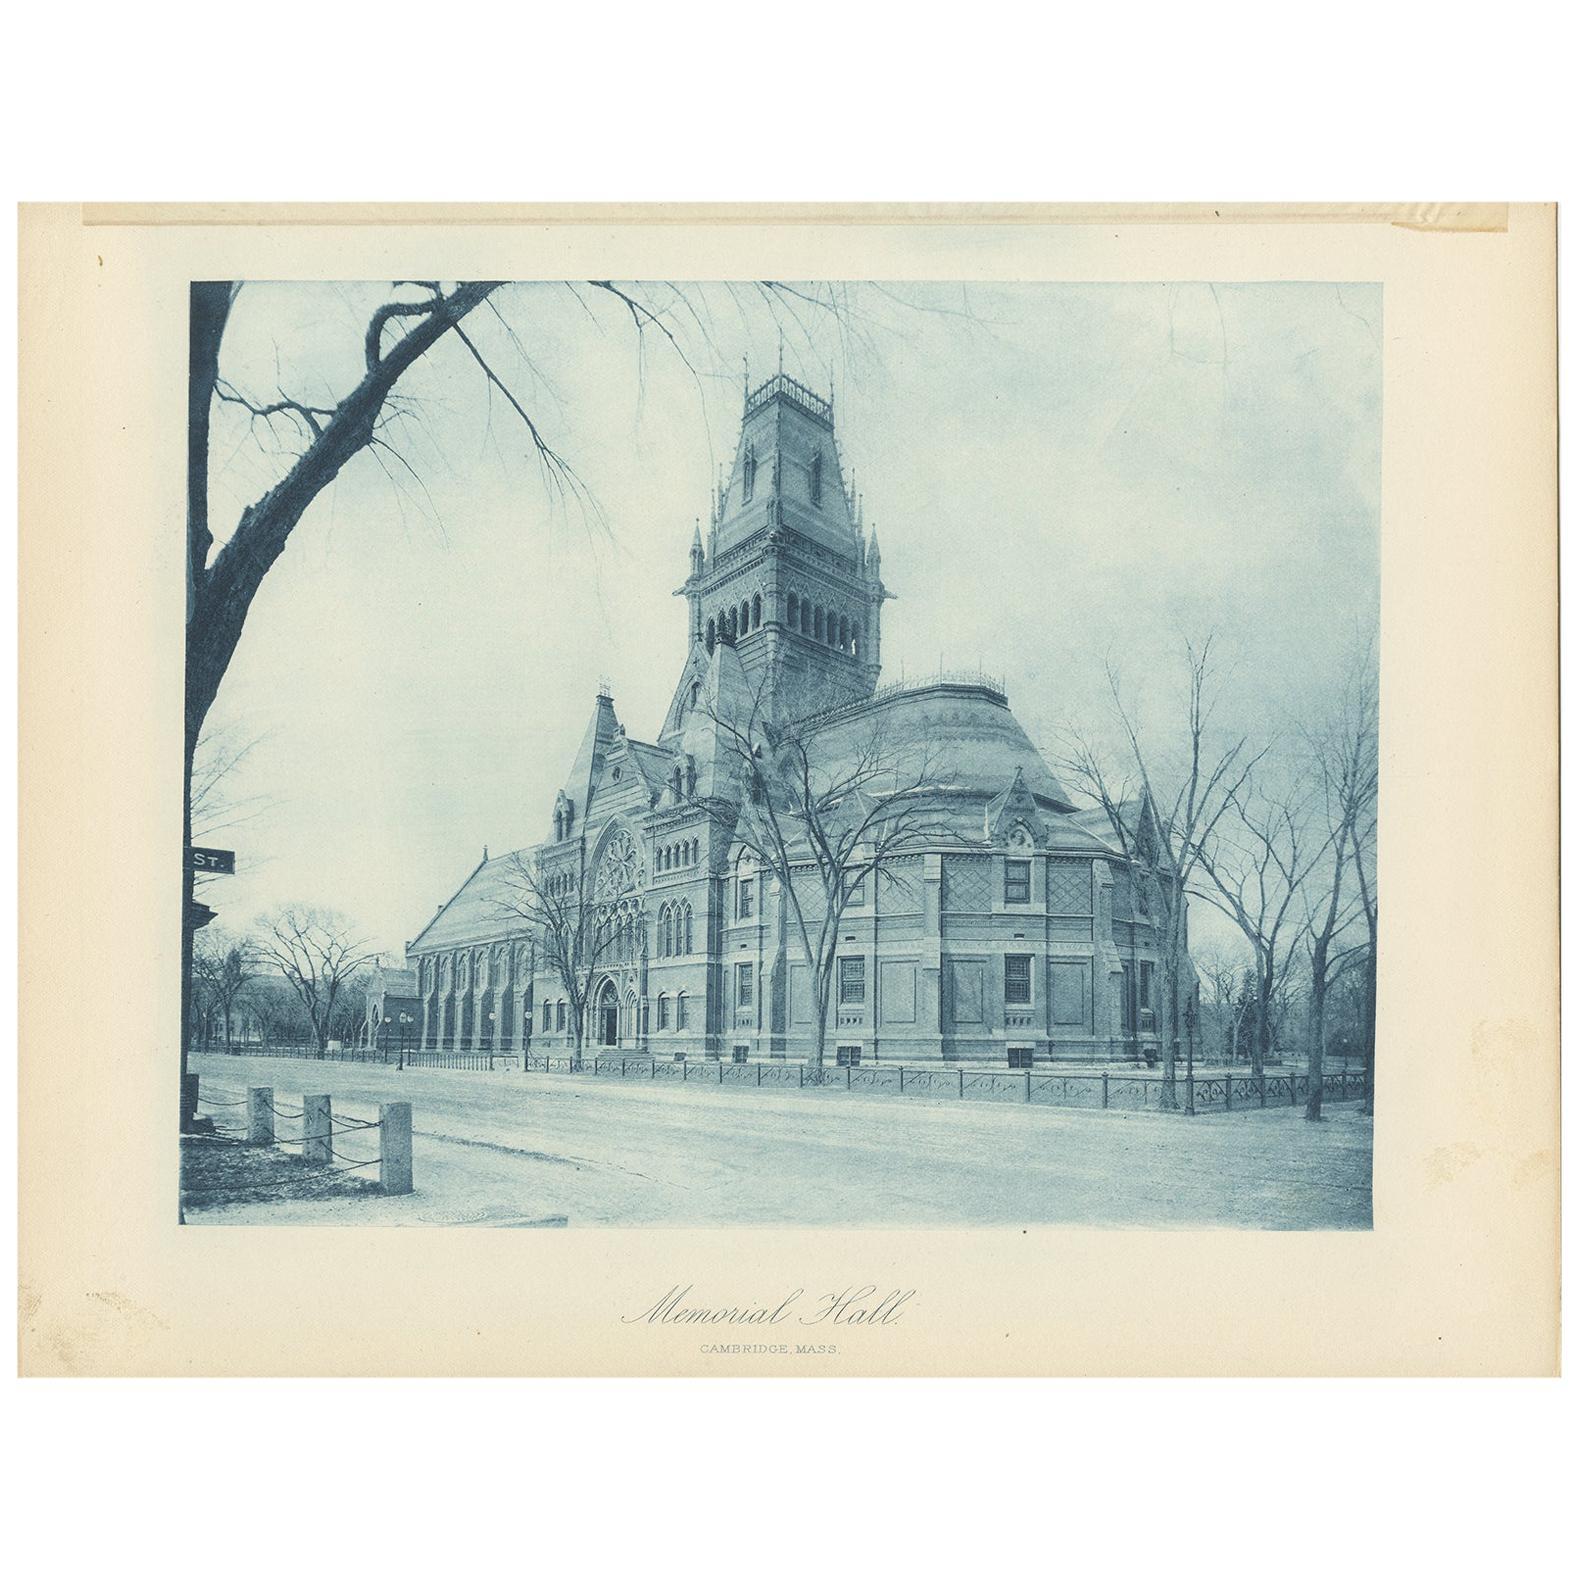 Antique Print of Memorial Hall in Cambridge, '1887'